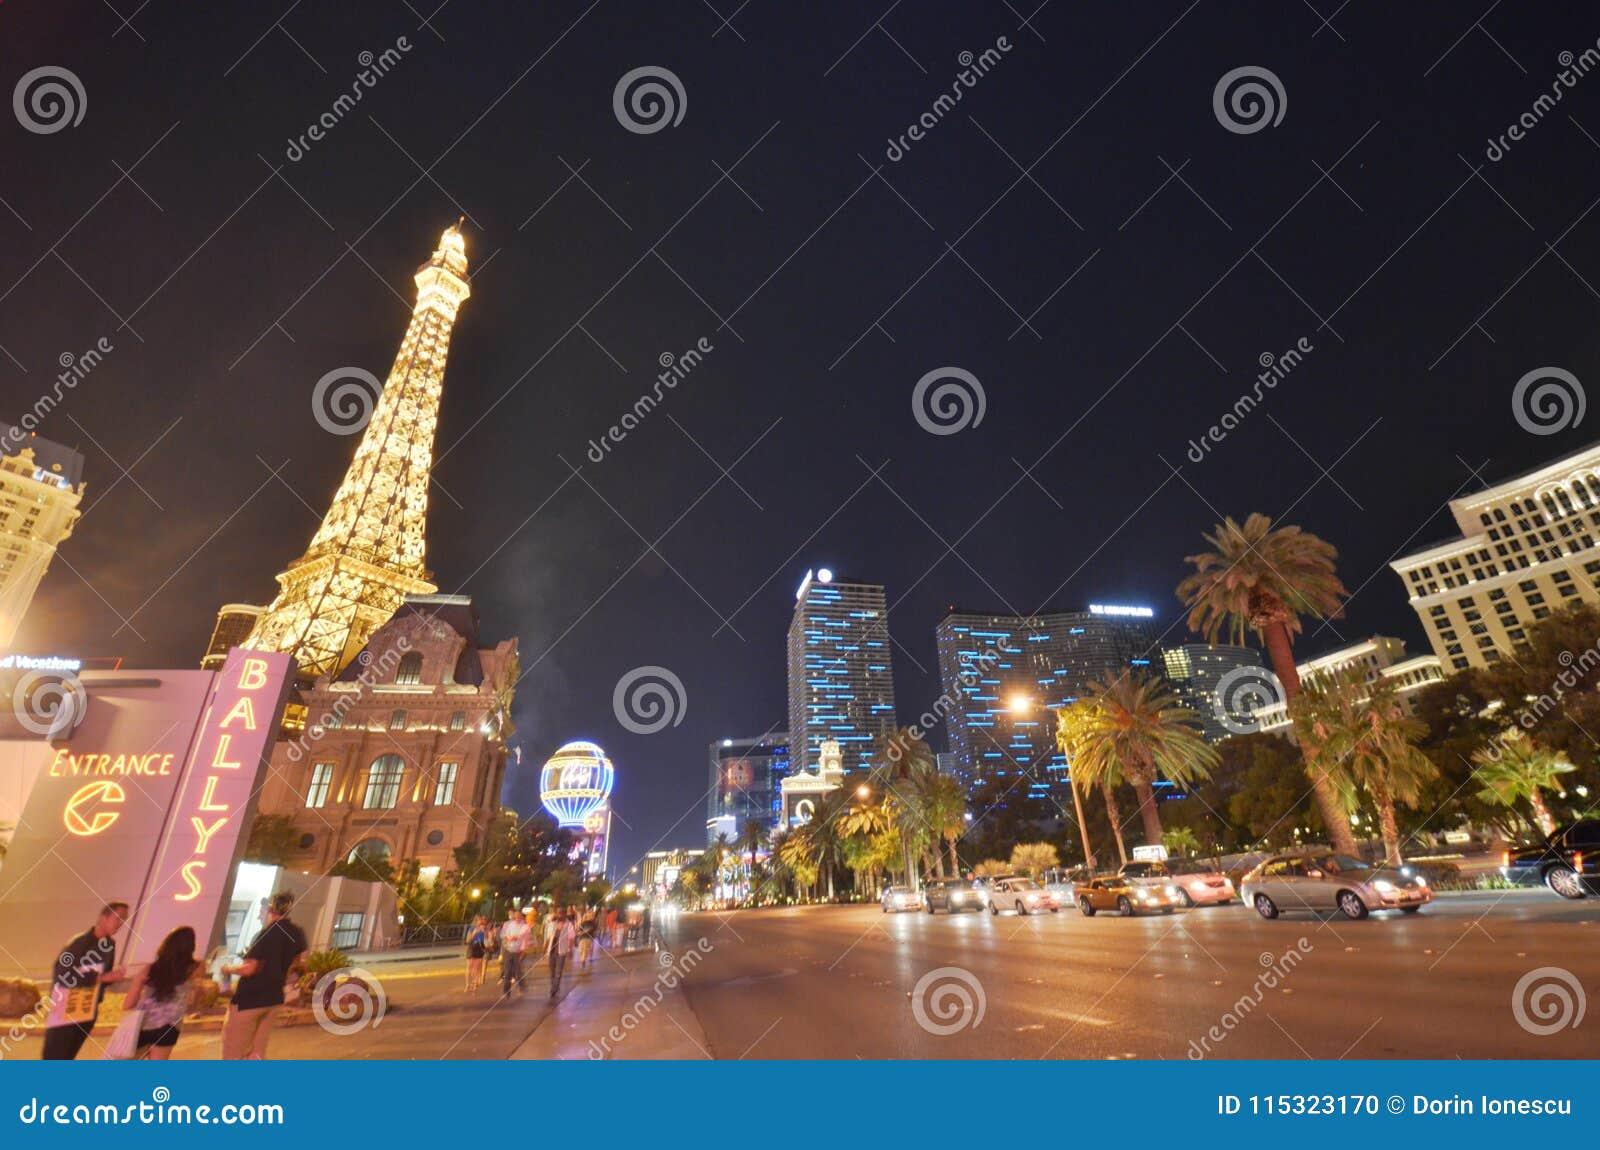 Hotel y casino, zona metropolitana, ciudad, señal, paisaje urbano de París